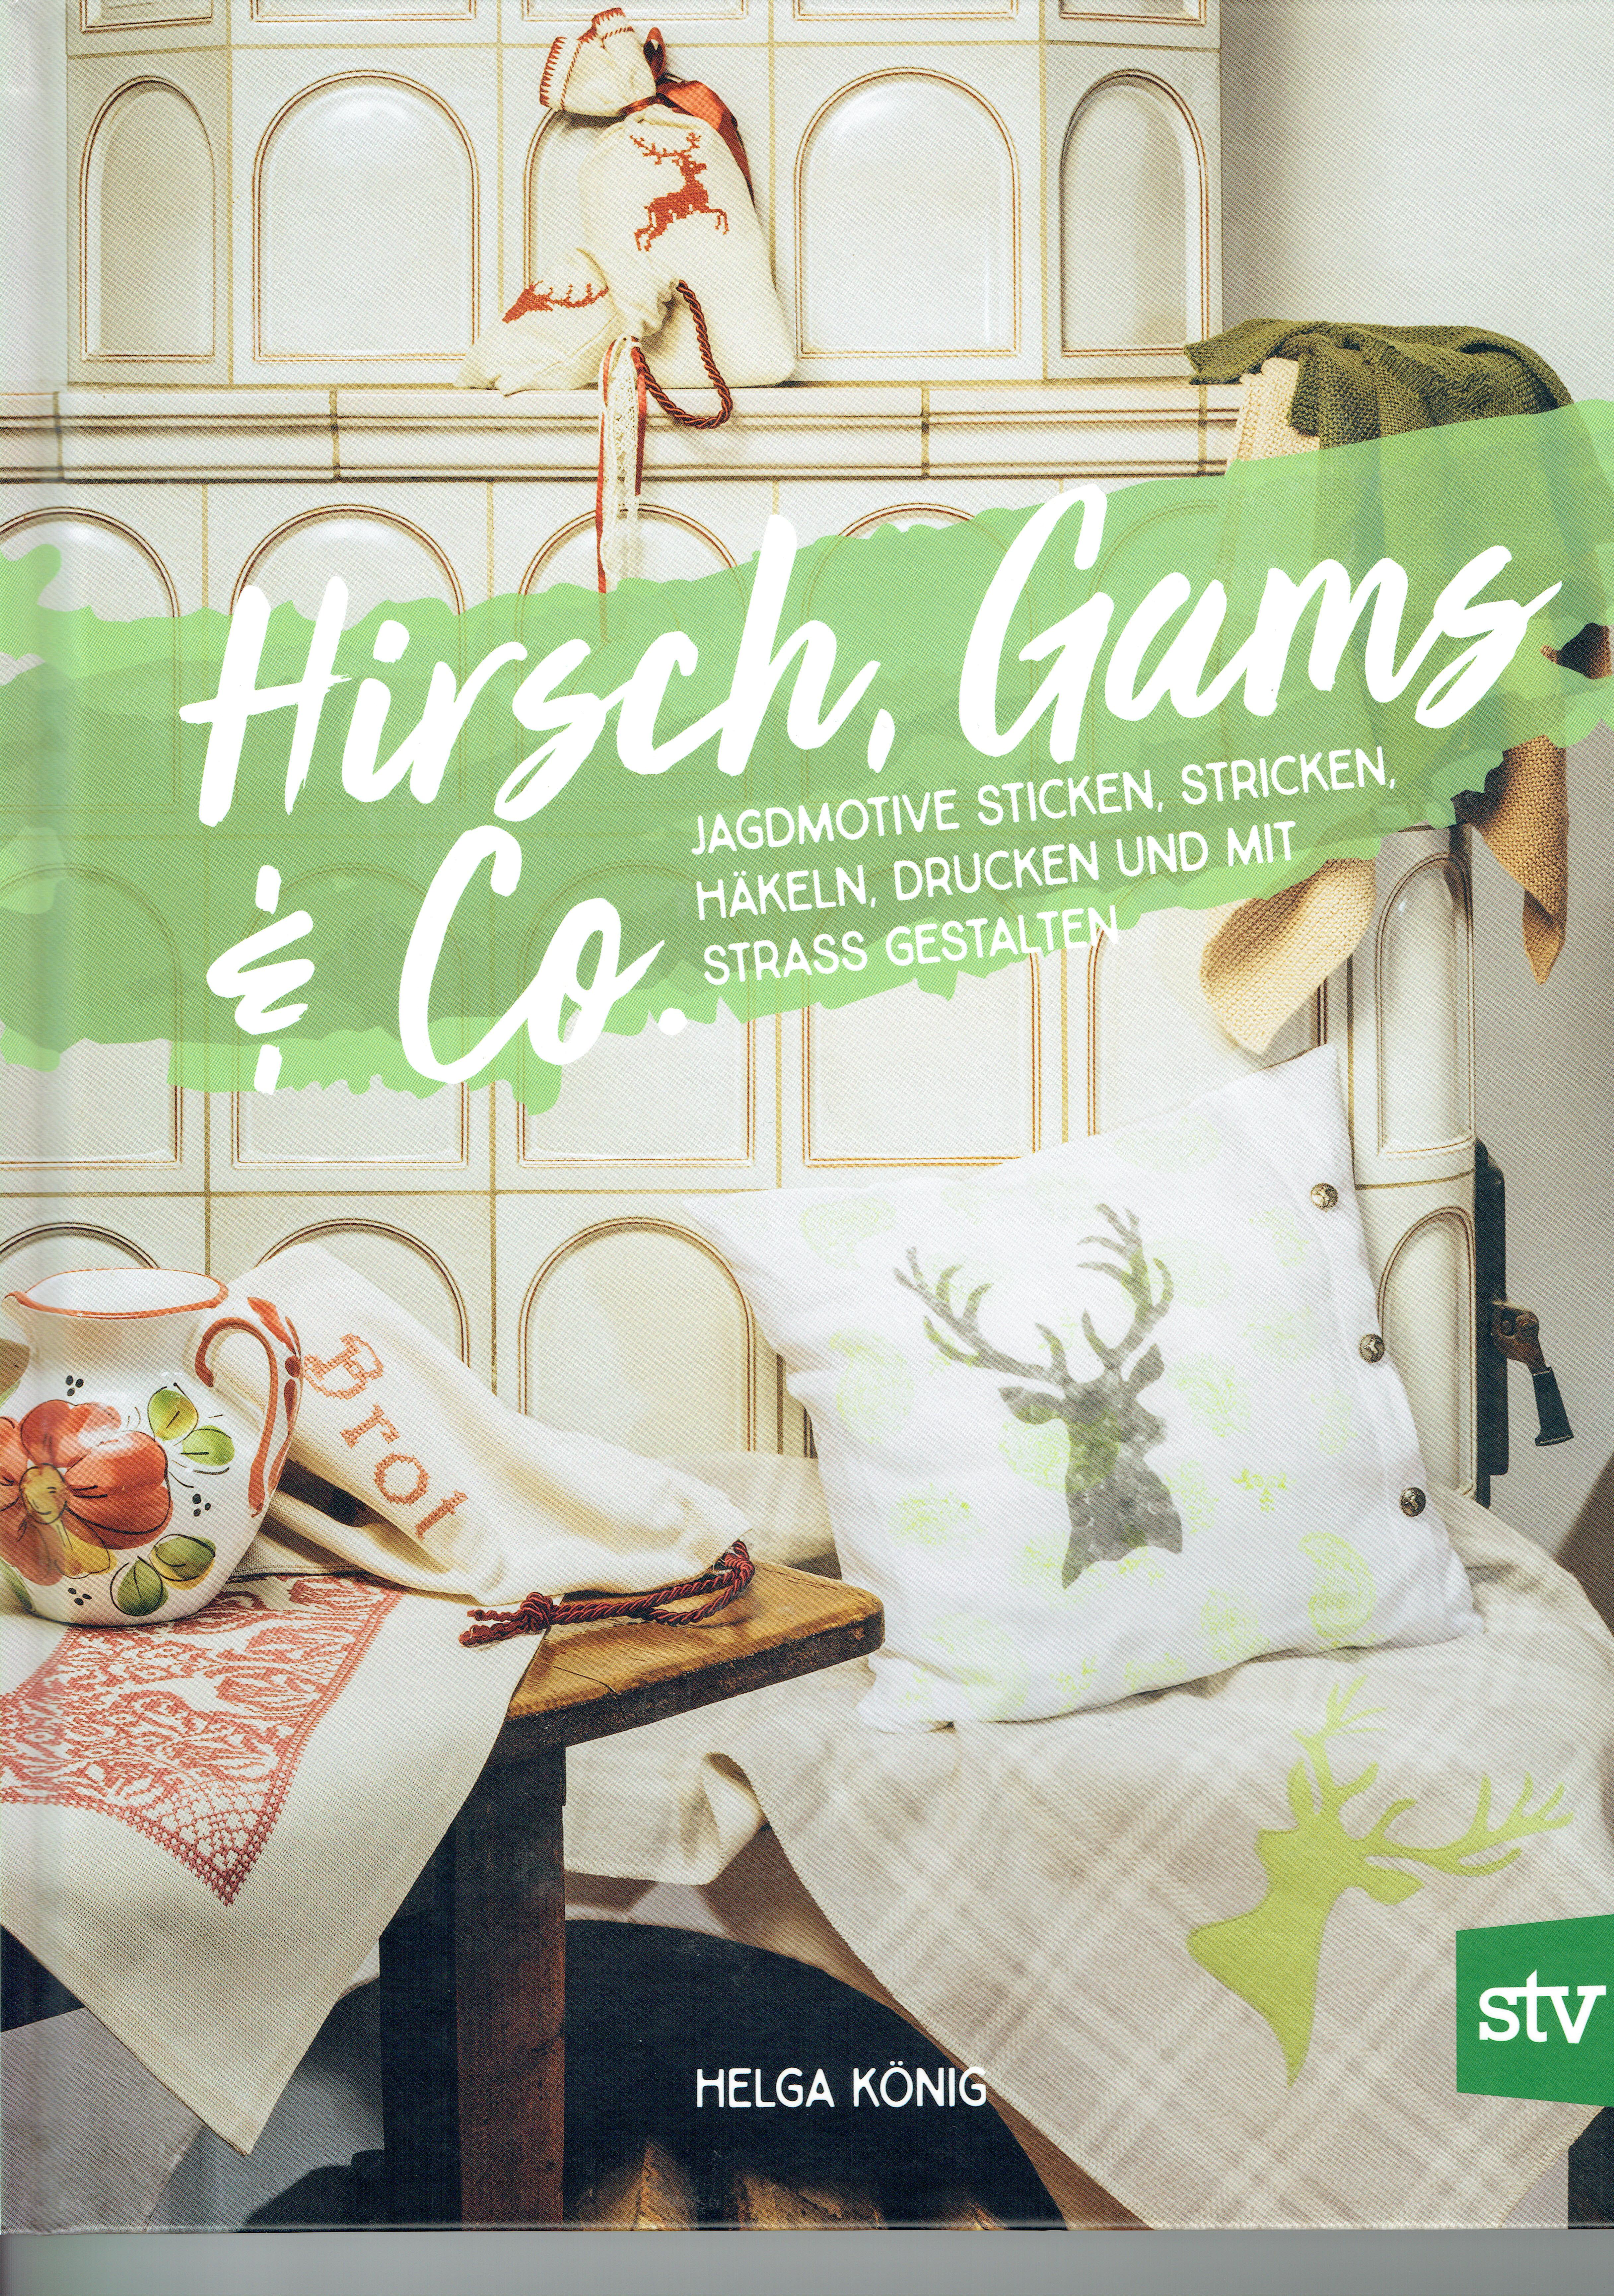 Hirsch Gams & Co